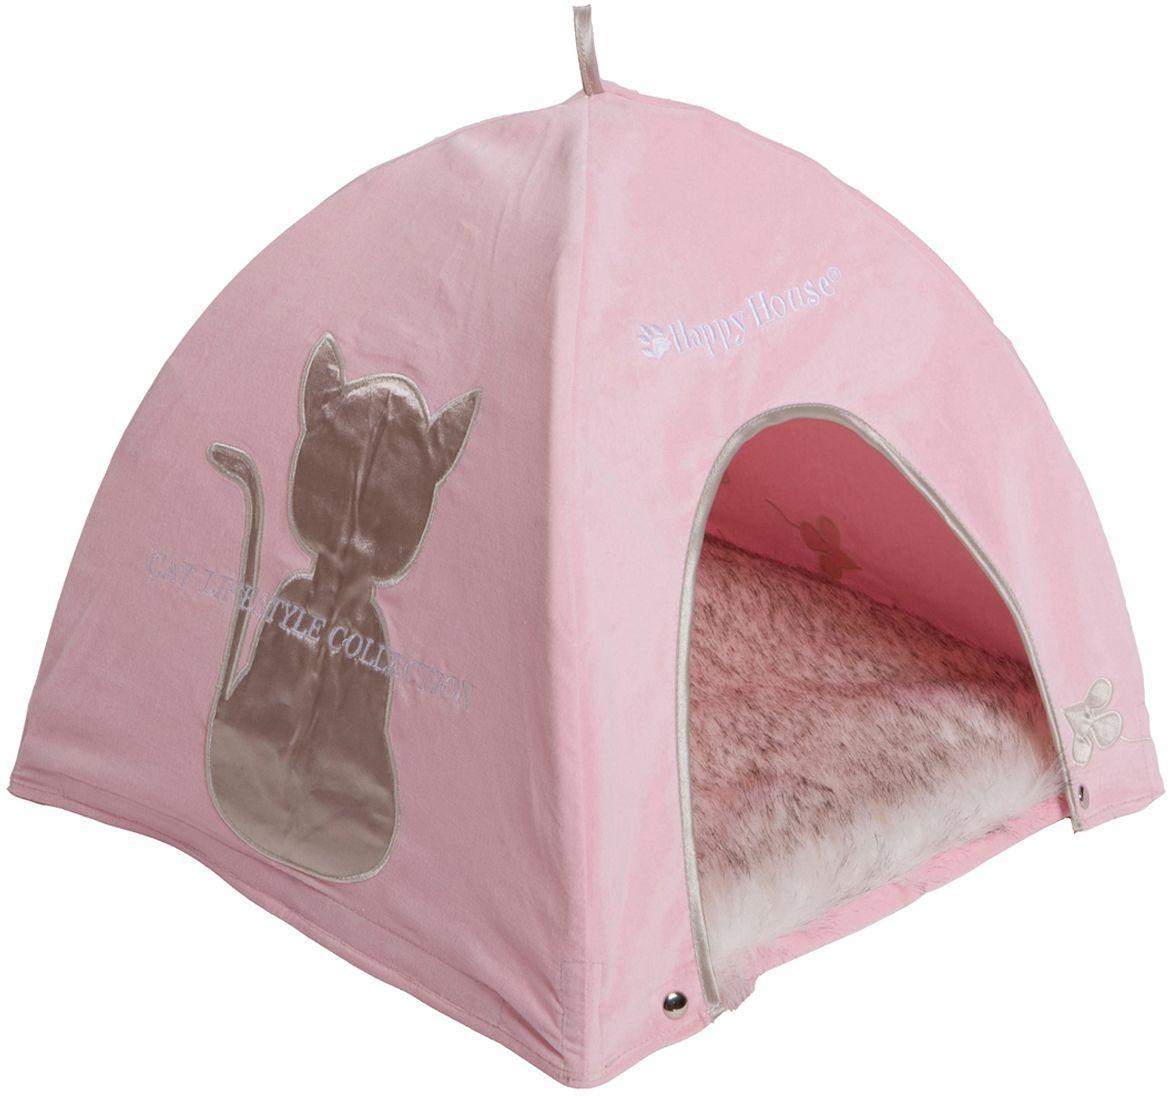 Домик для кошек Happy House Cat Lifestyle, цвет: розовый, 41 х 41 х 39 см краски для волос orofluido краска для волос 8 светло русый 50 мл